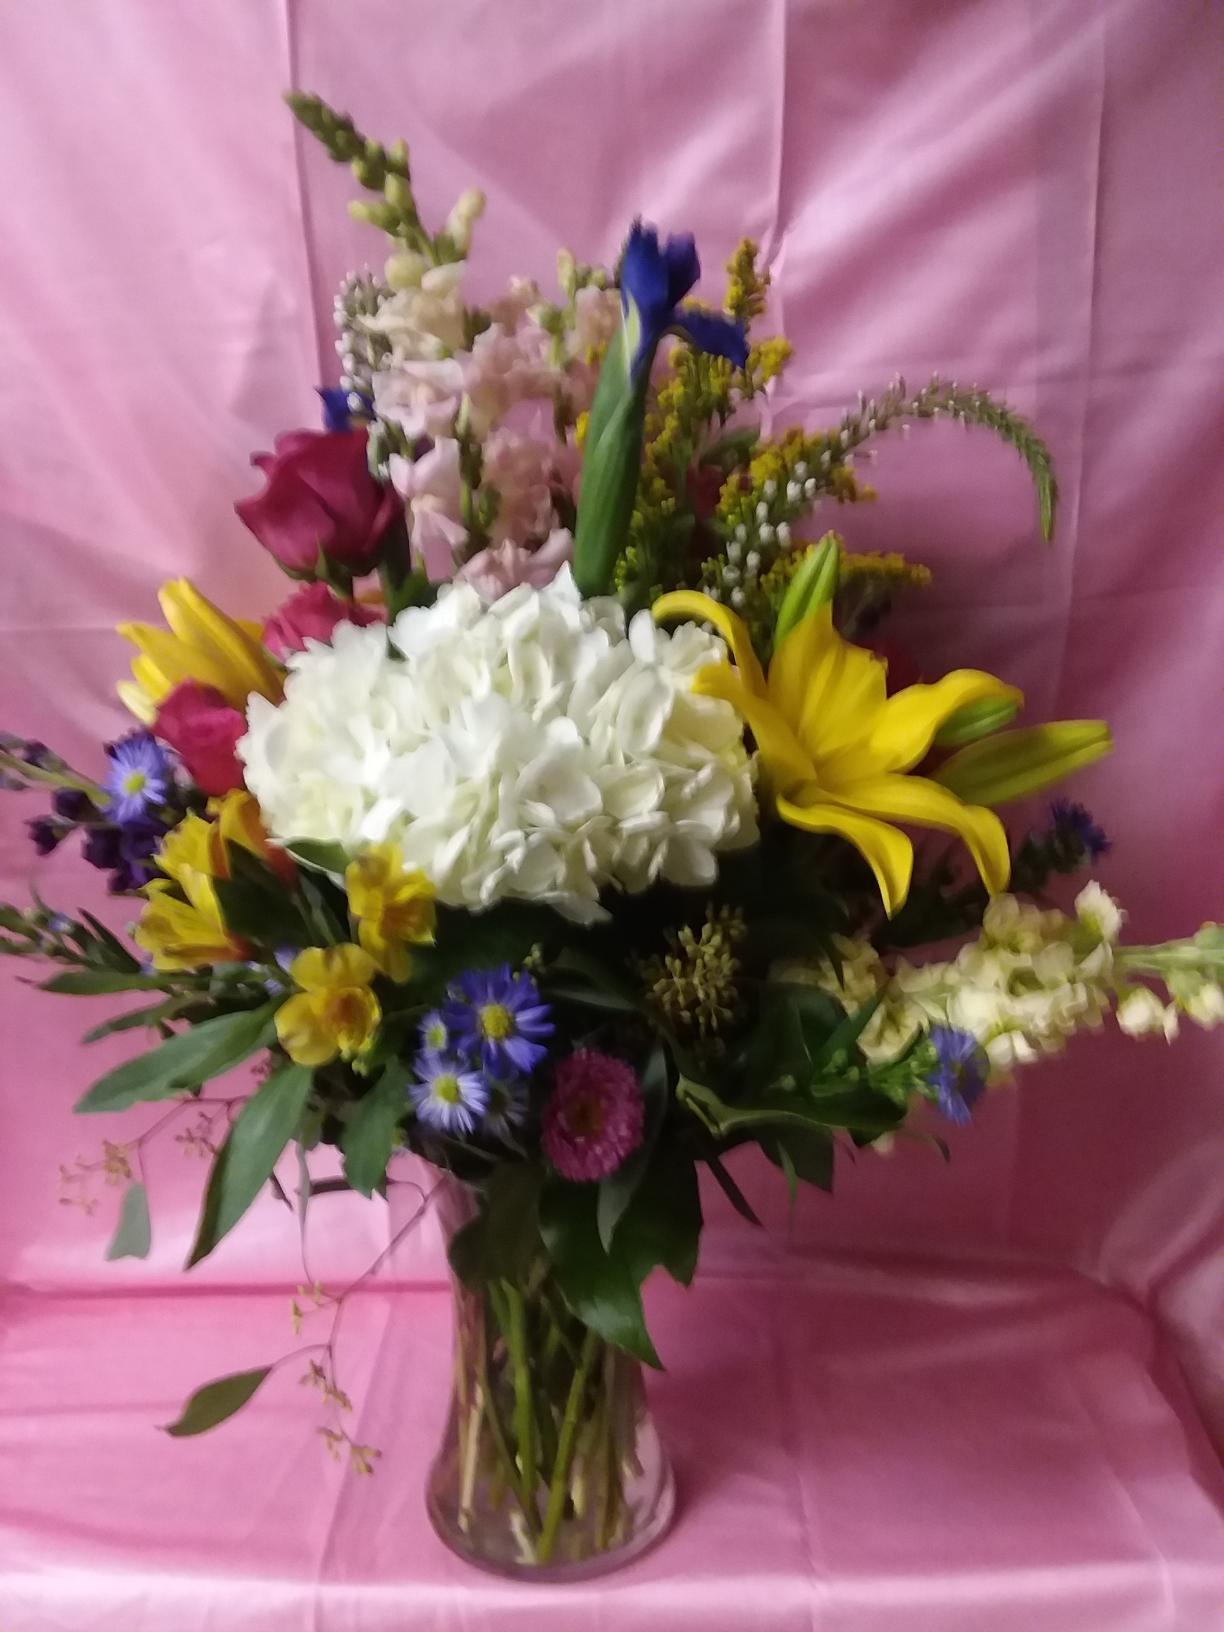 Bigfork Village Florist